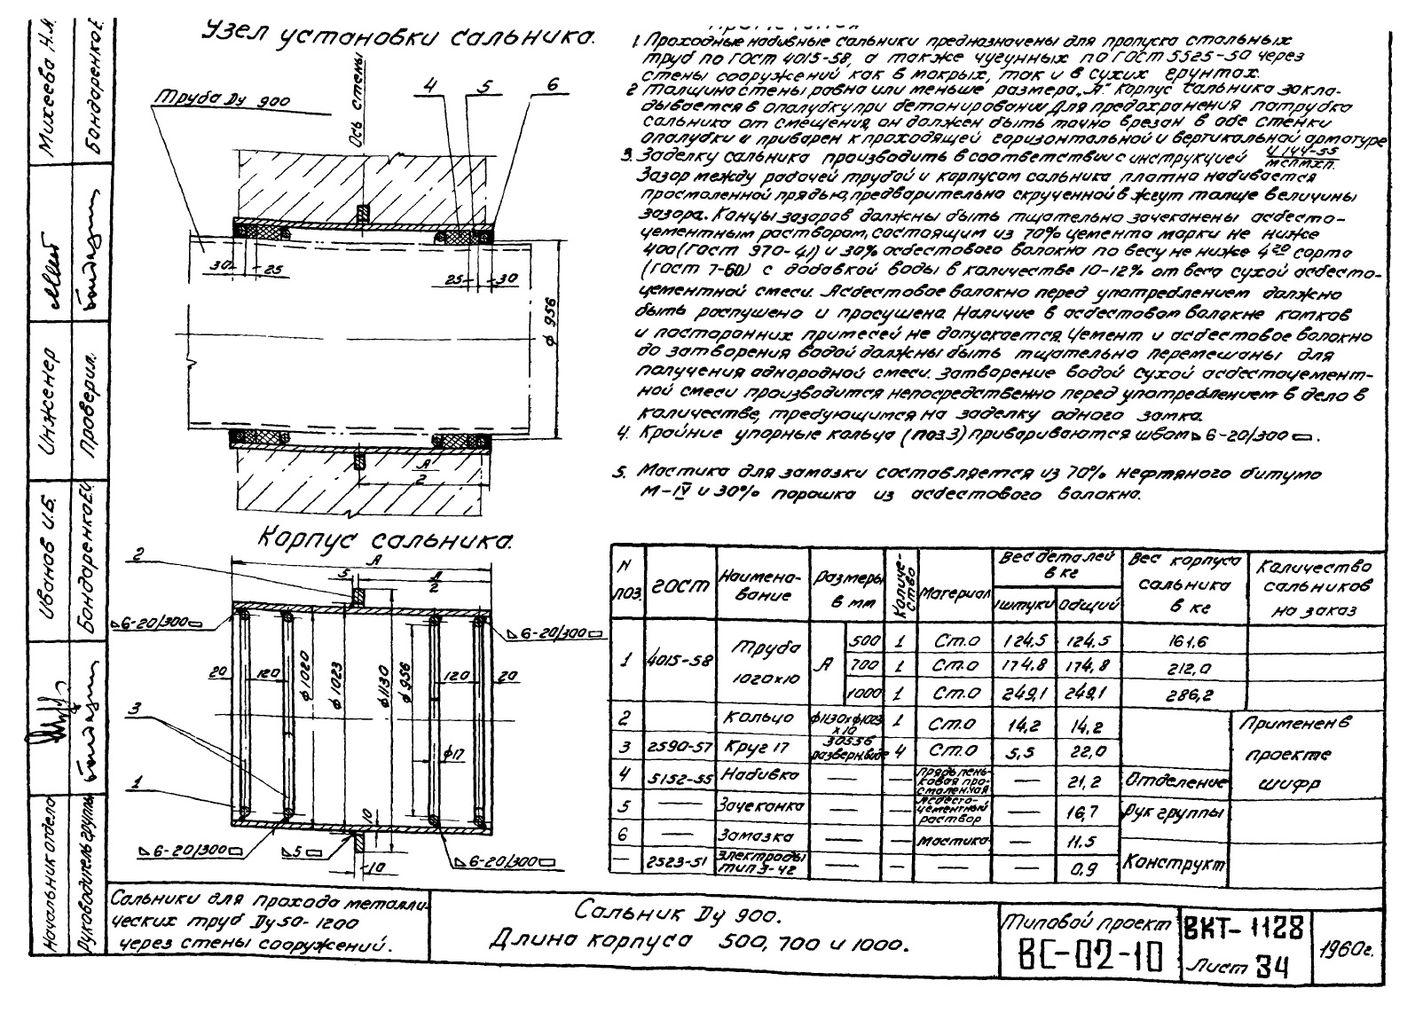 Сальники набивные L = 500 мм типовой проект ВС-02-10 стр.16